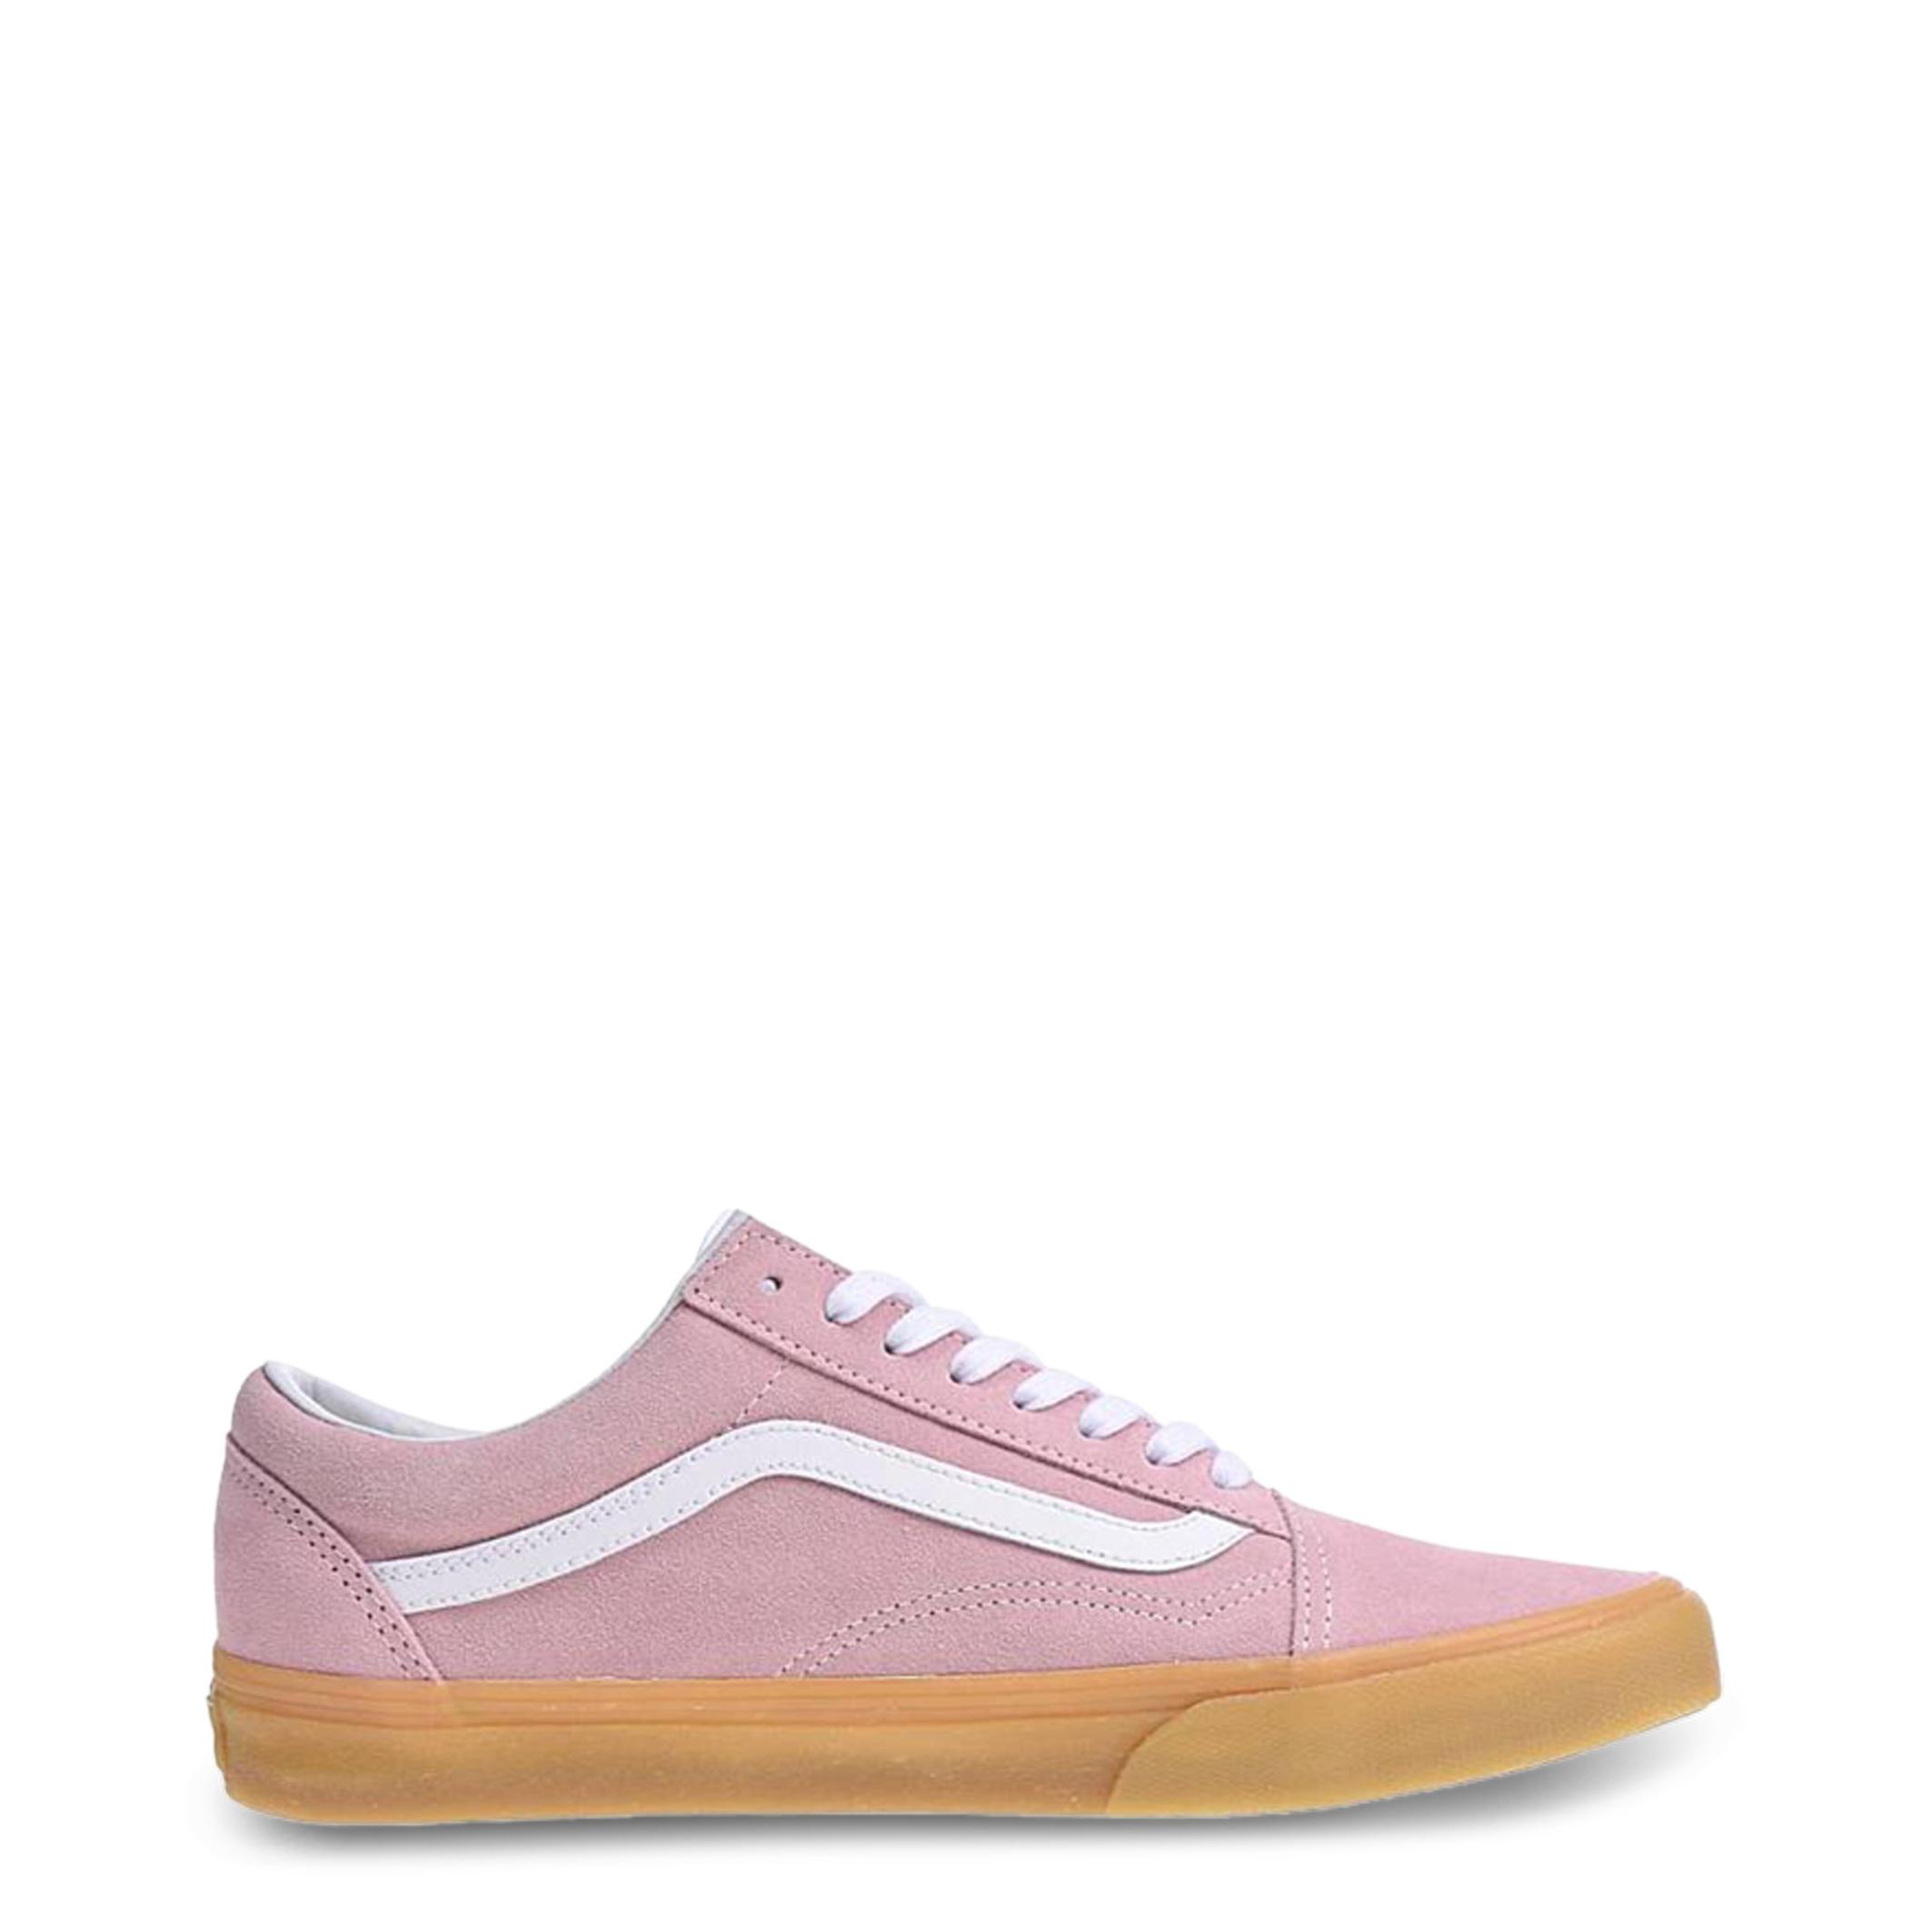 Baskets / Sport  Vans OLD-SKOOL pink